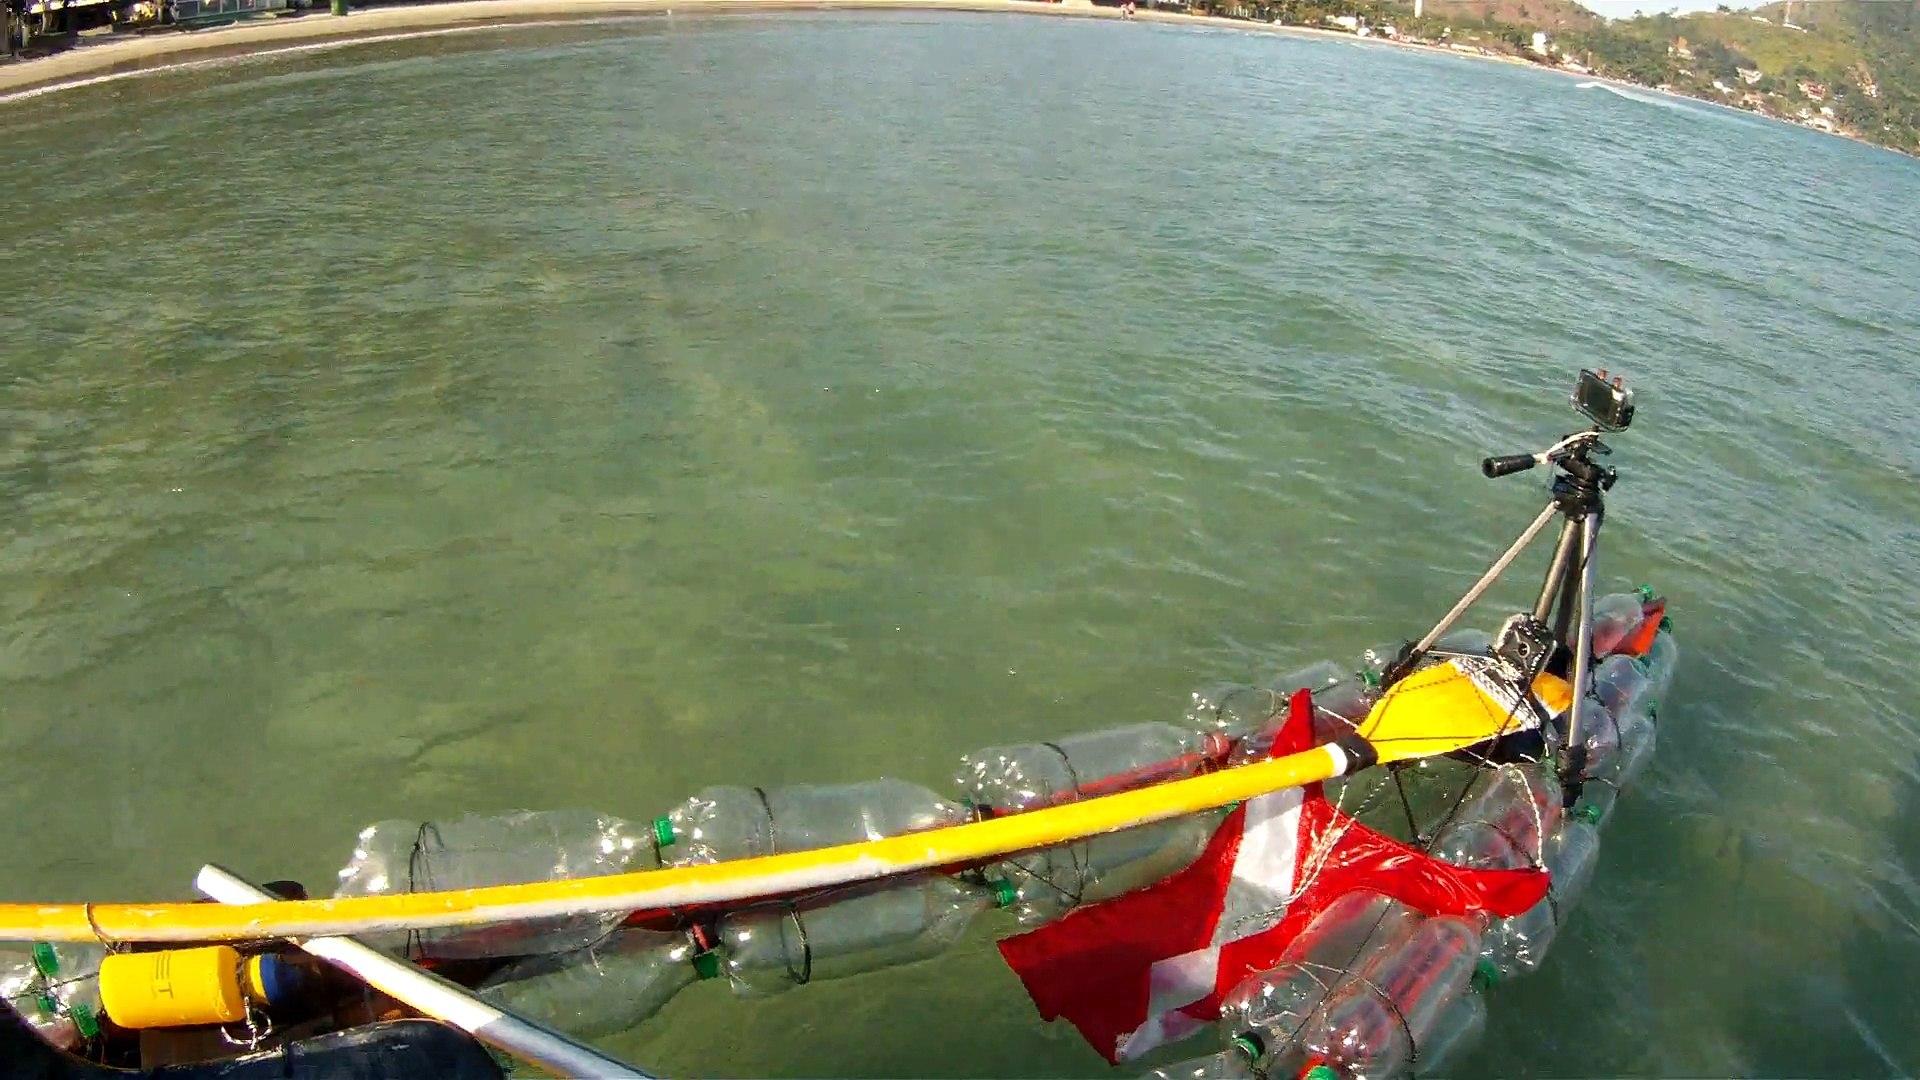 Reciclando garrafas de 2 litros PET em um belo caiaque, navengando na Baia do Flamengo, Ubatuba, Bra